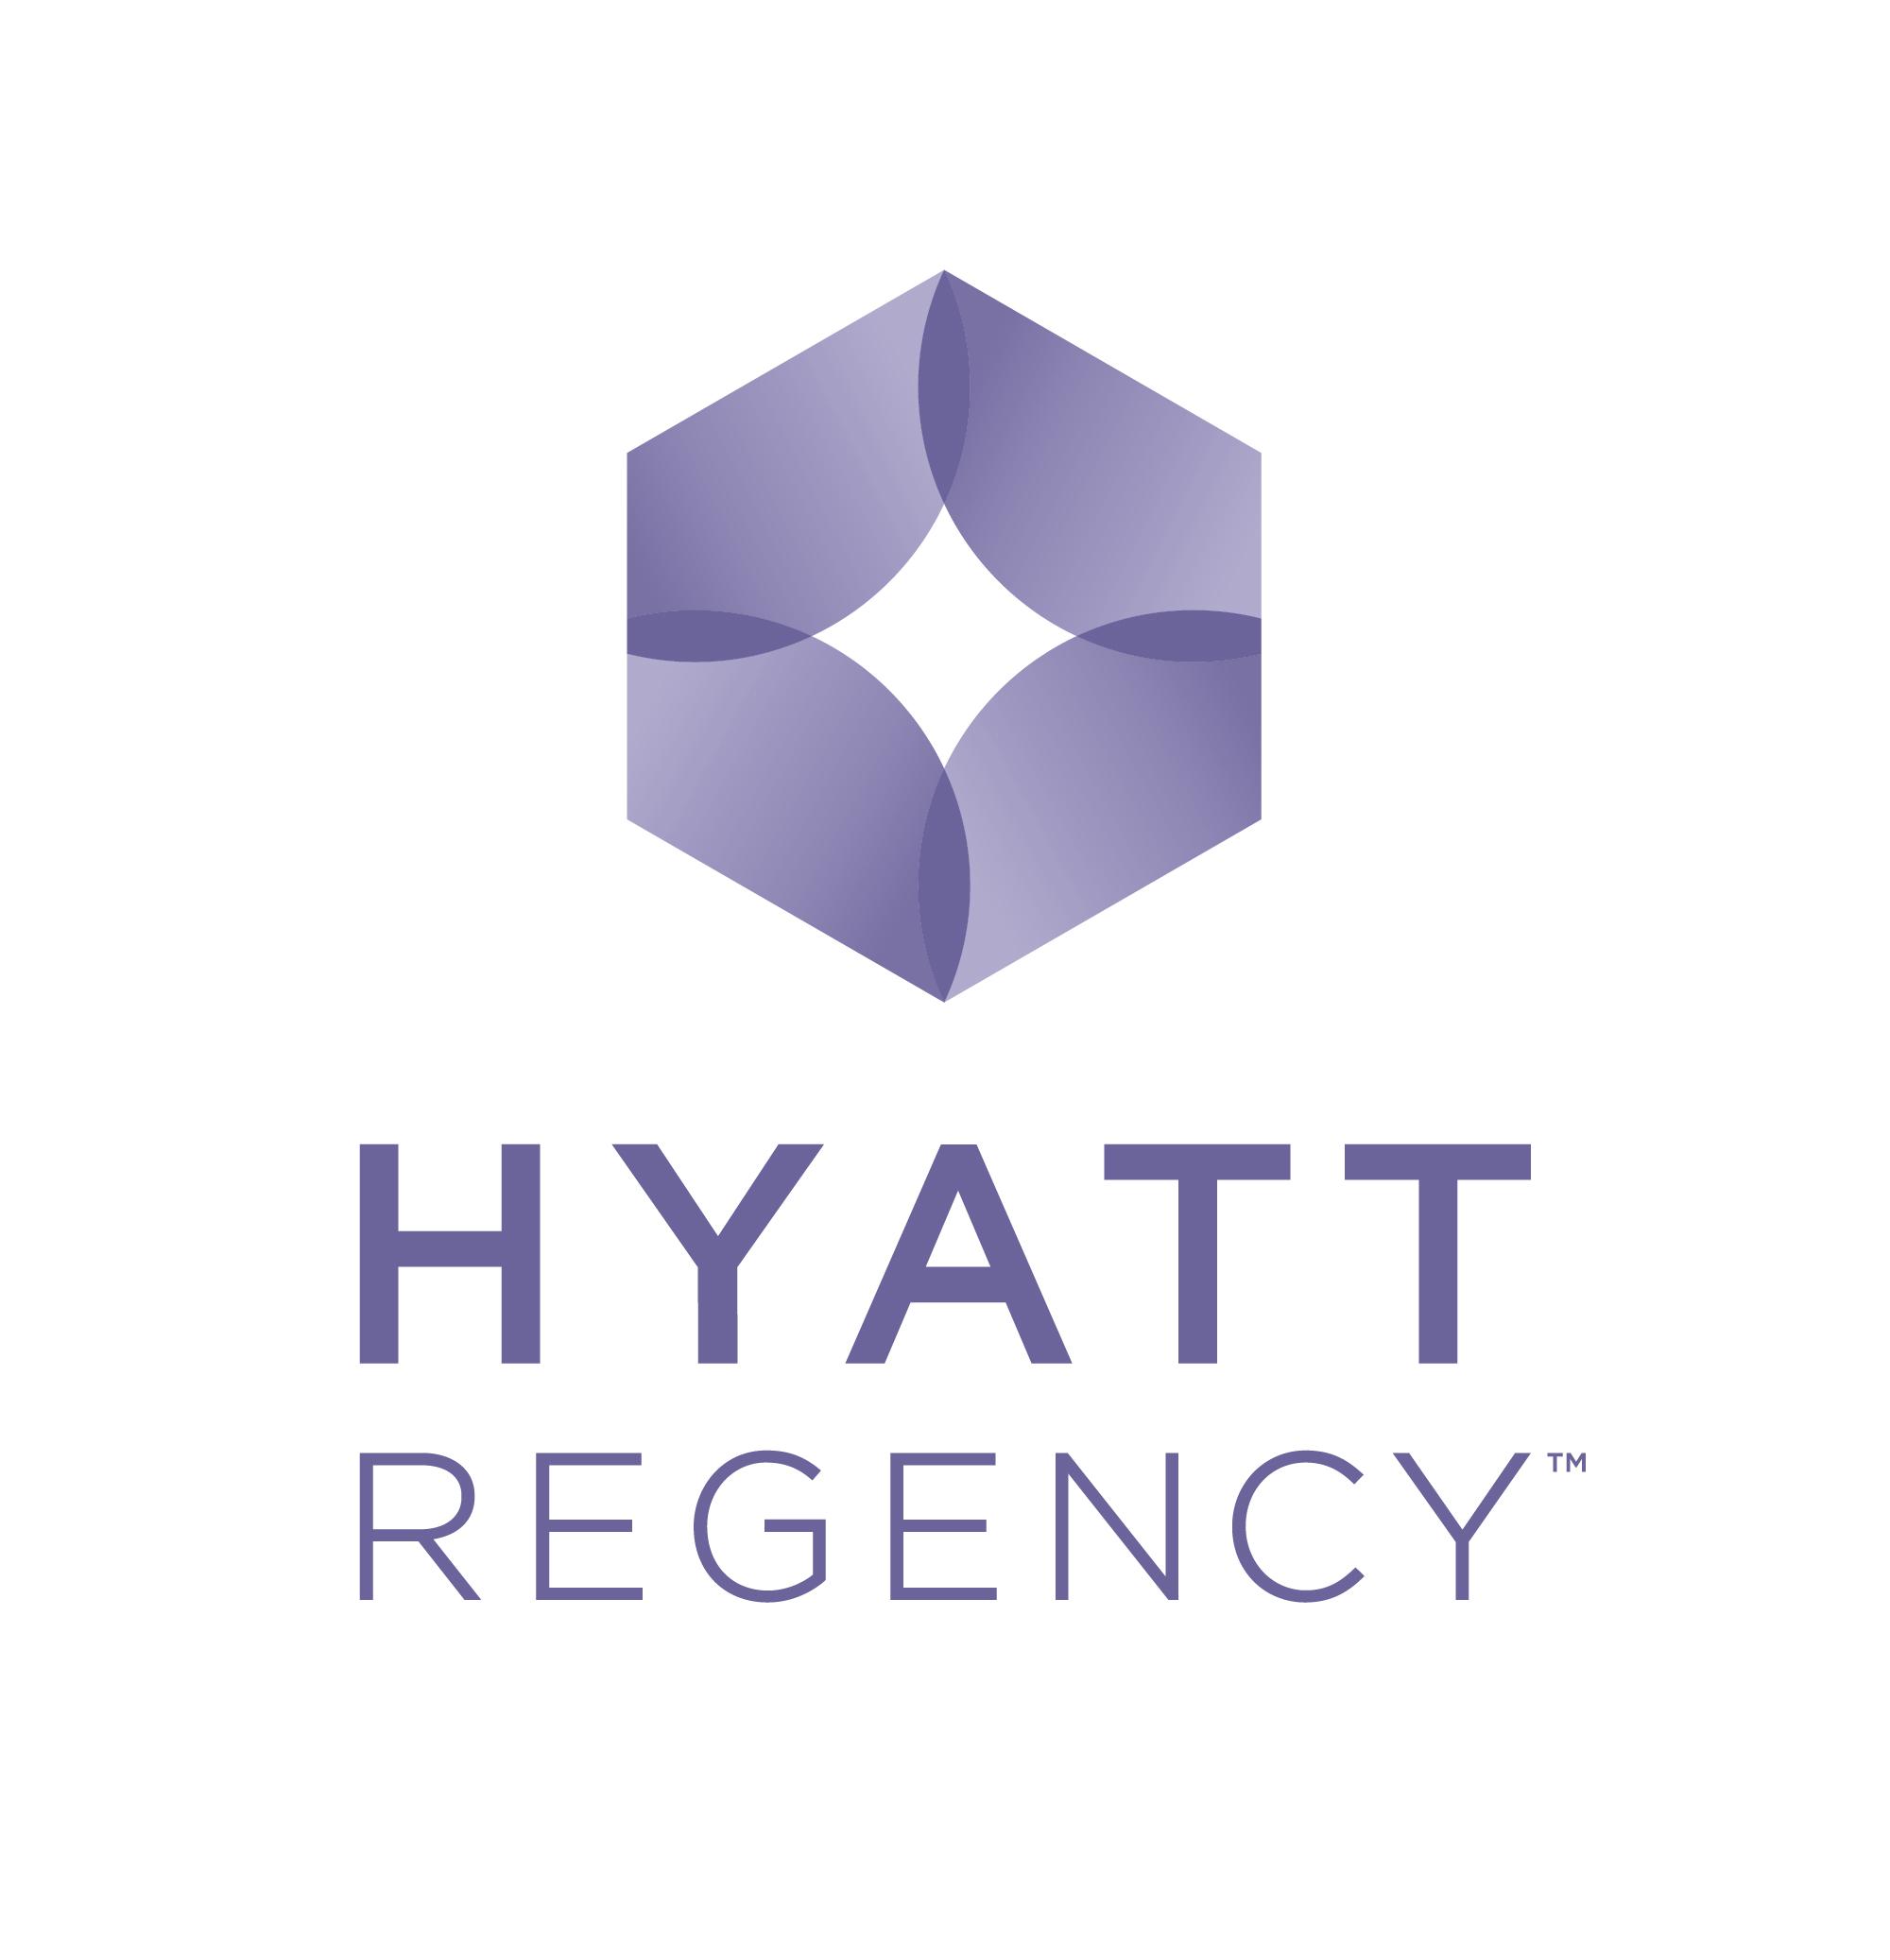 Hyatt-RegencyLogo.jpg